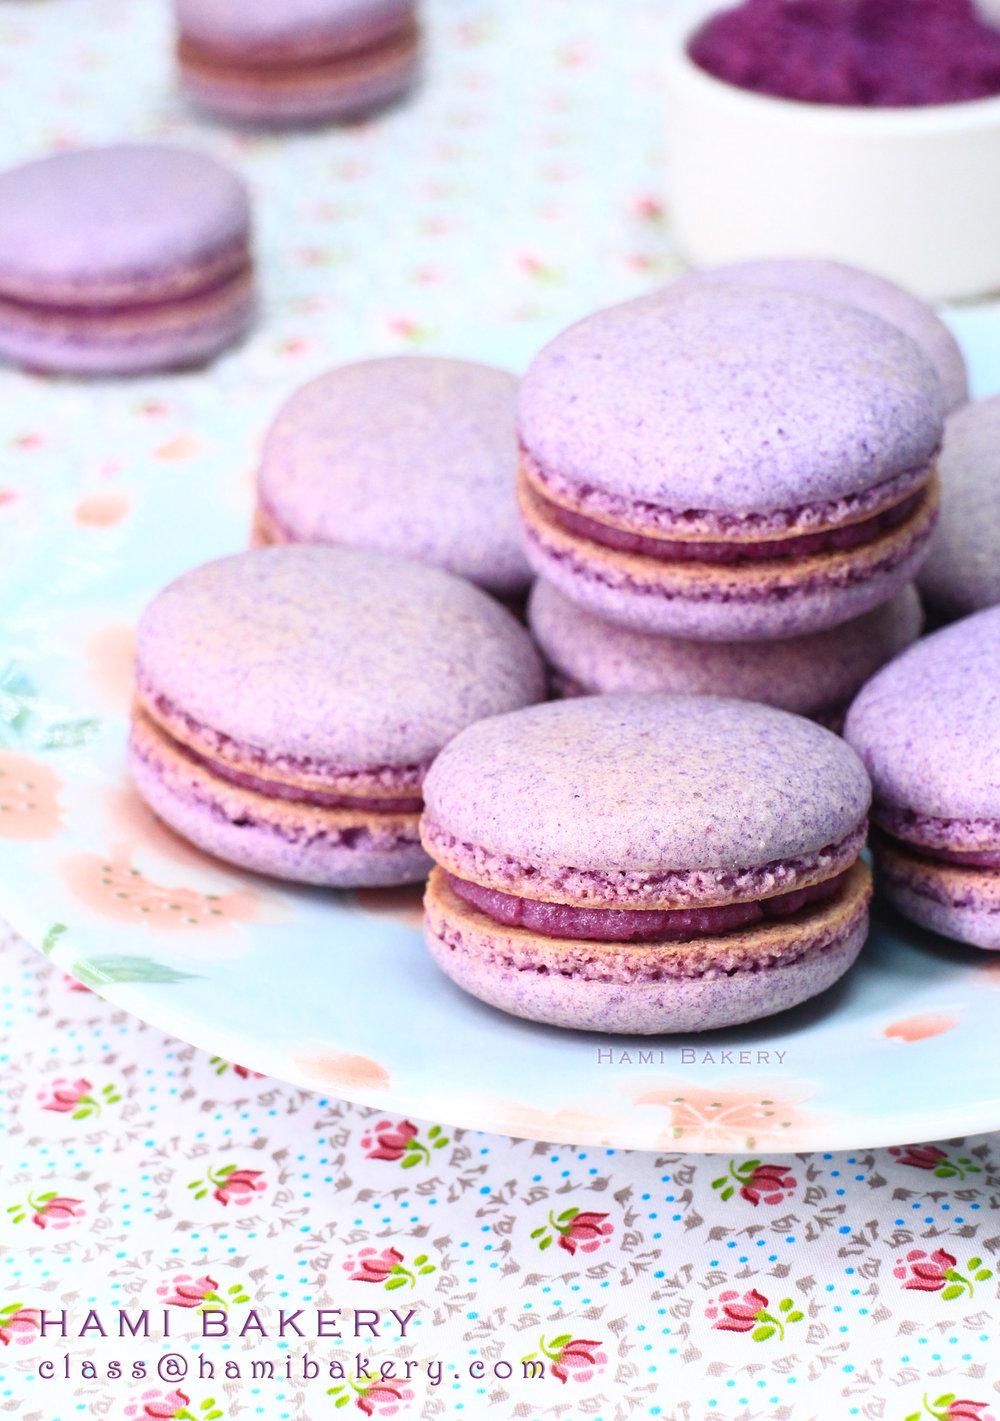 《紫薯黑糖Macaron》 2小時30分鐘一堂, 每人$390/堂,可做 12-15個Macaron 學習及實習咖紫薯黑糖味Macaron外殻 學習做紫薯黑糖饀料 *可冷藏保存1週食用* 25/7 Tue 2:30pm 13/8 Sun 2:00pm 25/8 Fri 7:00pm 2/9 Sat 2:30pm